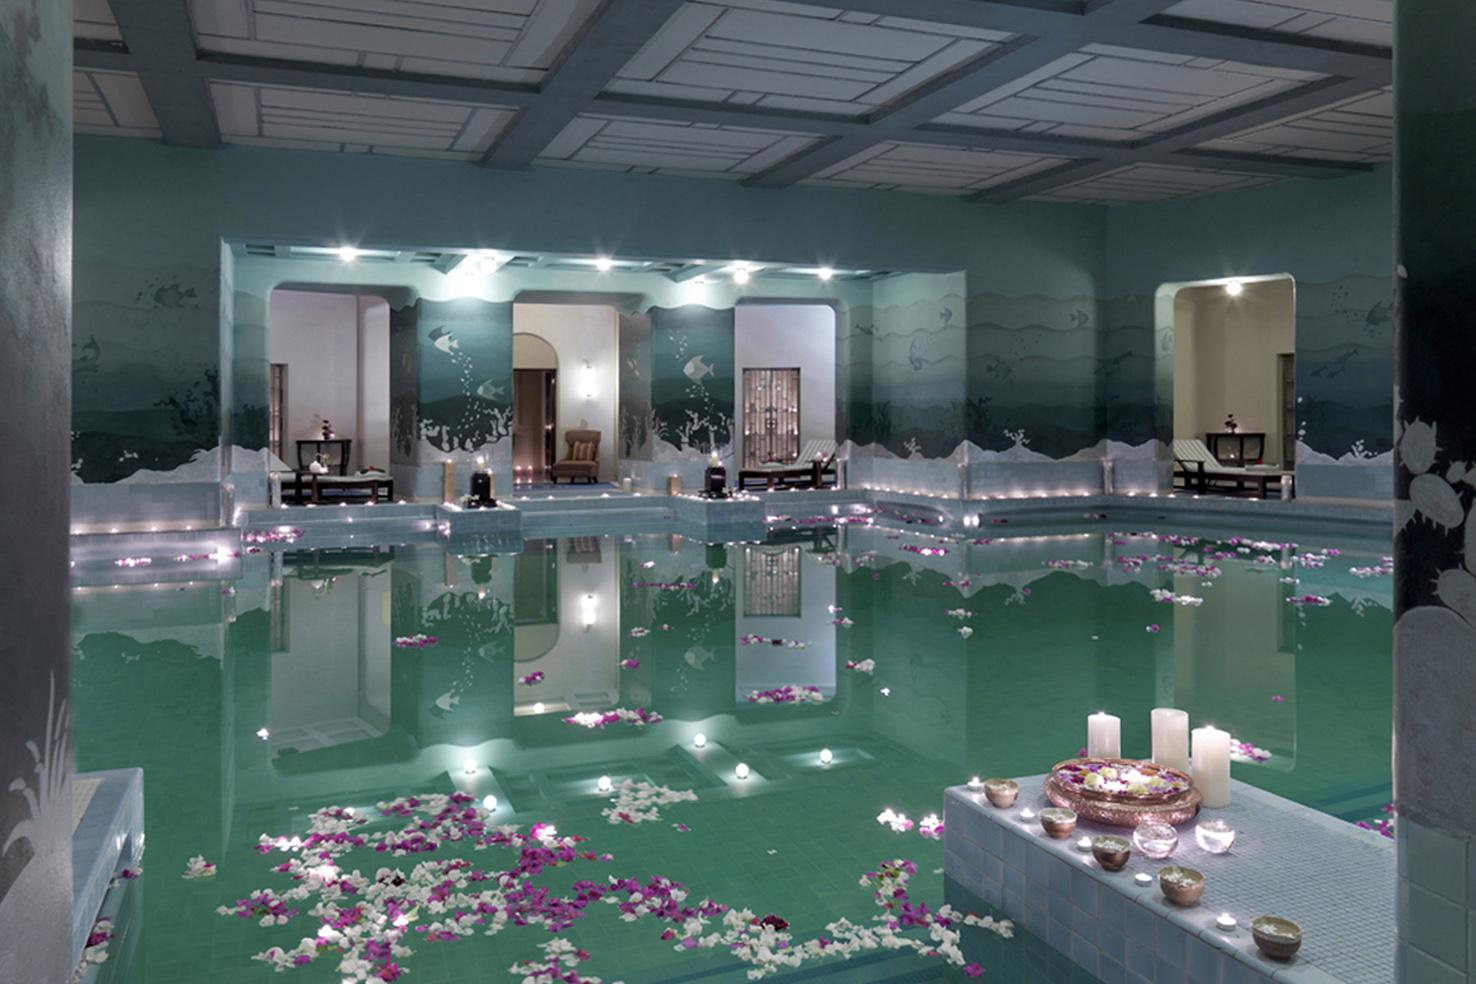 Royal Swimming Pool Umaid Bhawan Palace